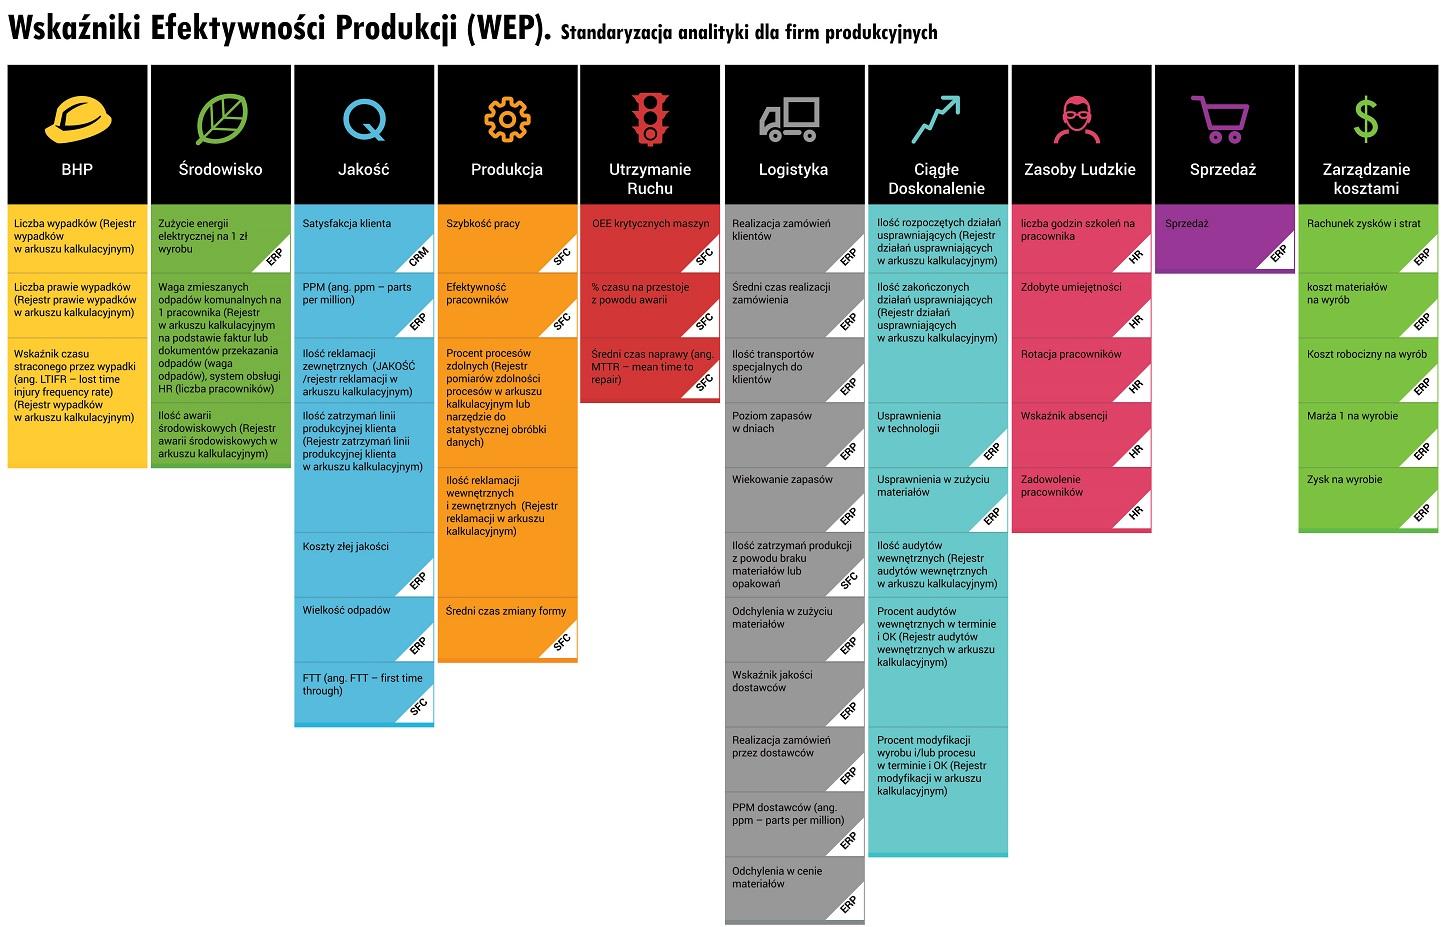 DSR Plakat Wskazniki Efektywnosci Produkcji_m